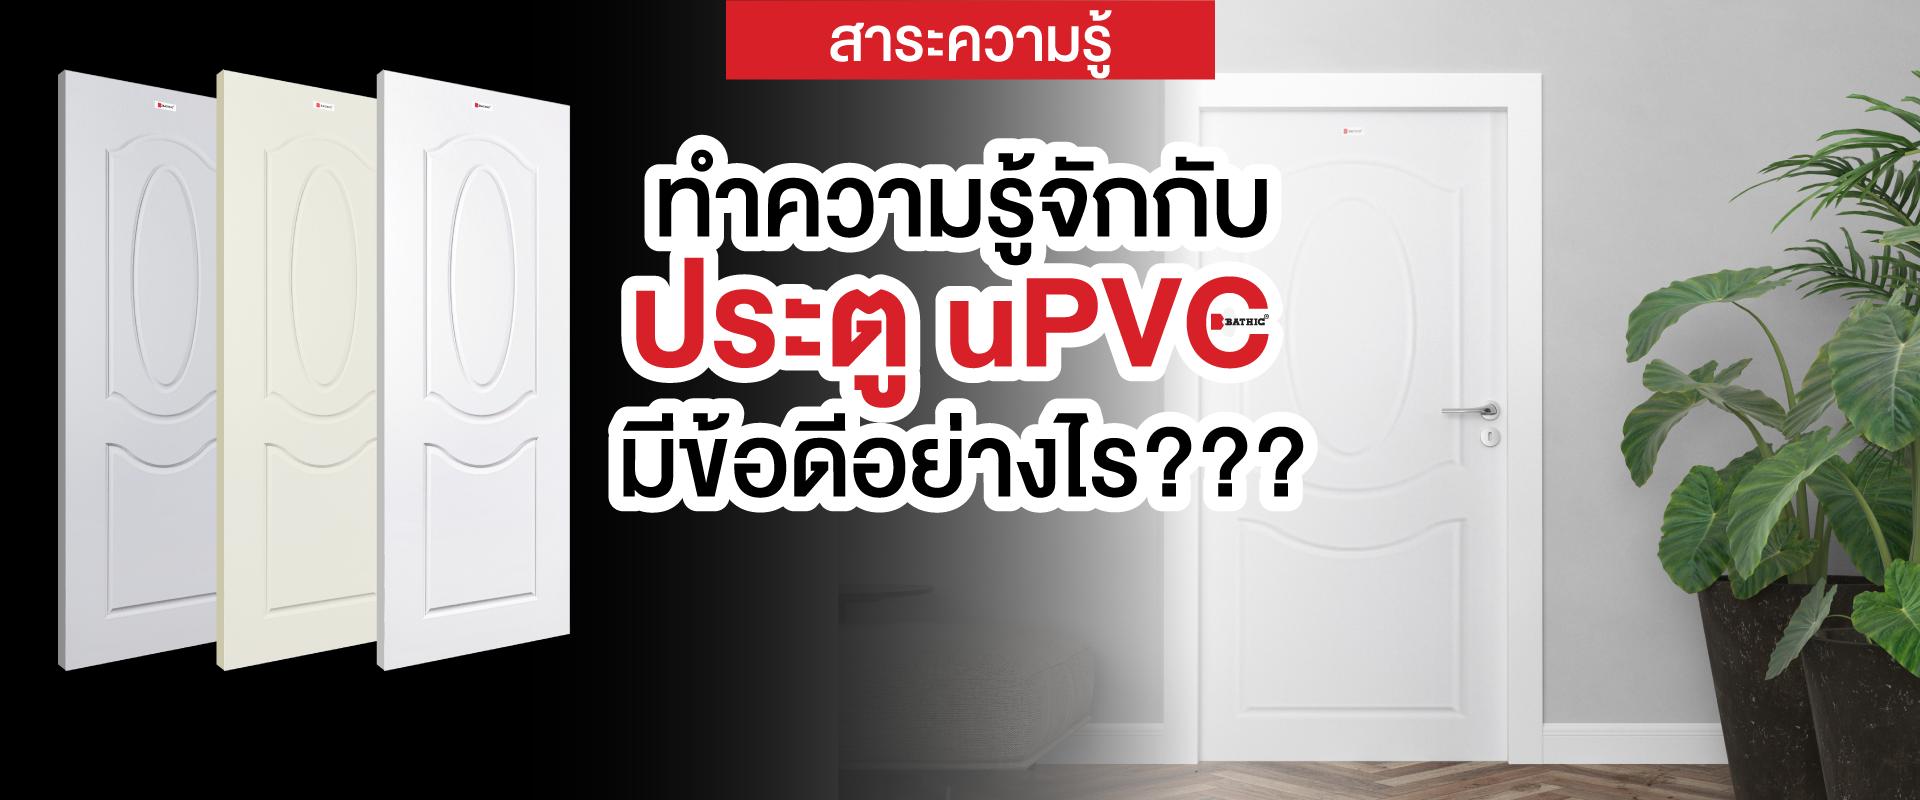 WP-upvc-door-content-Feature-Image